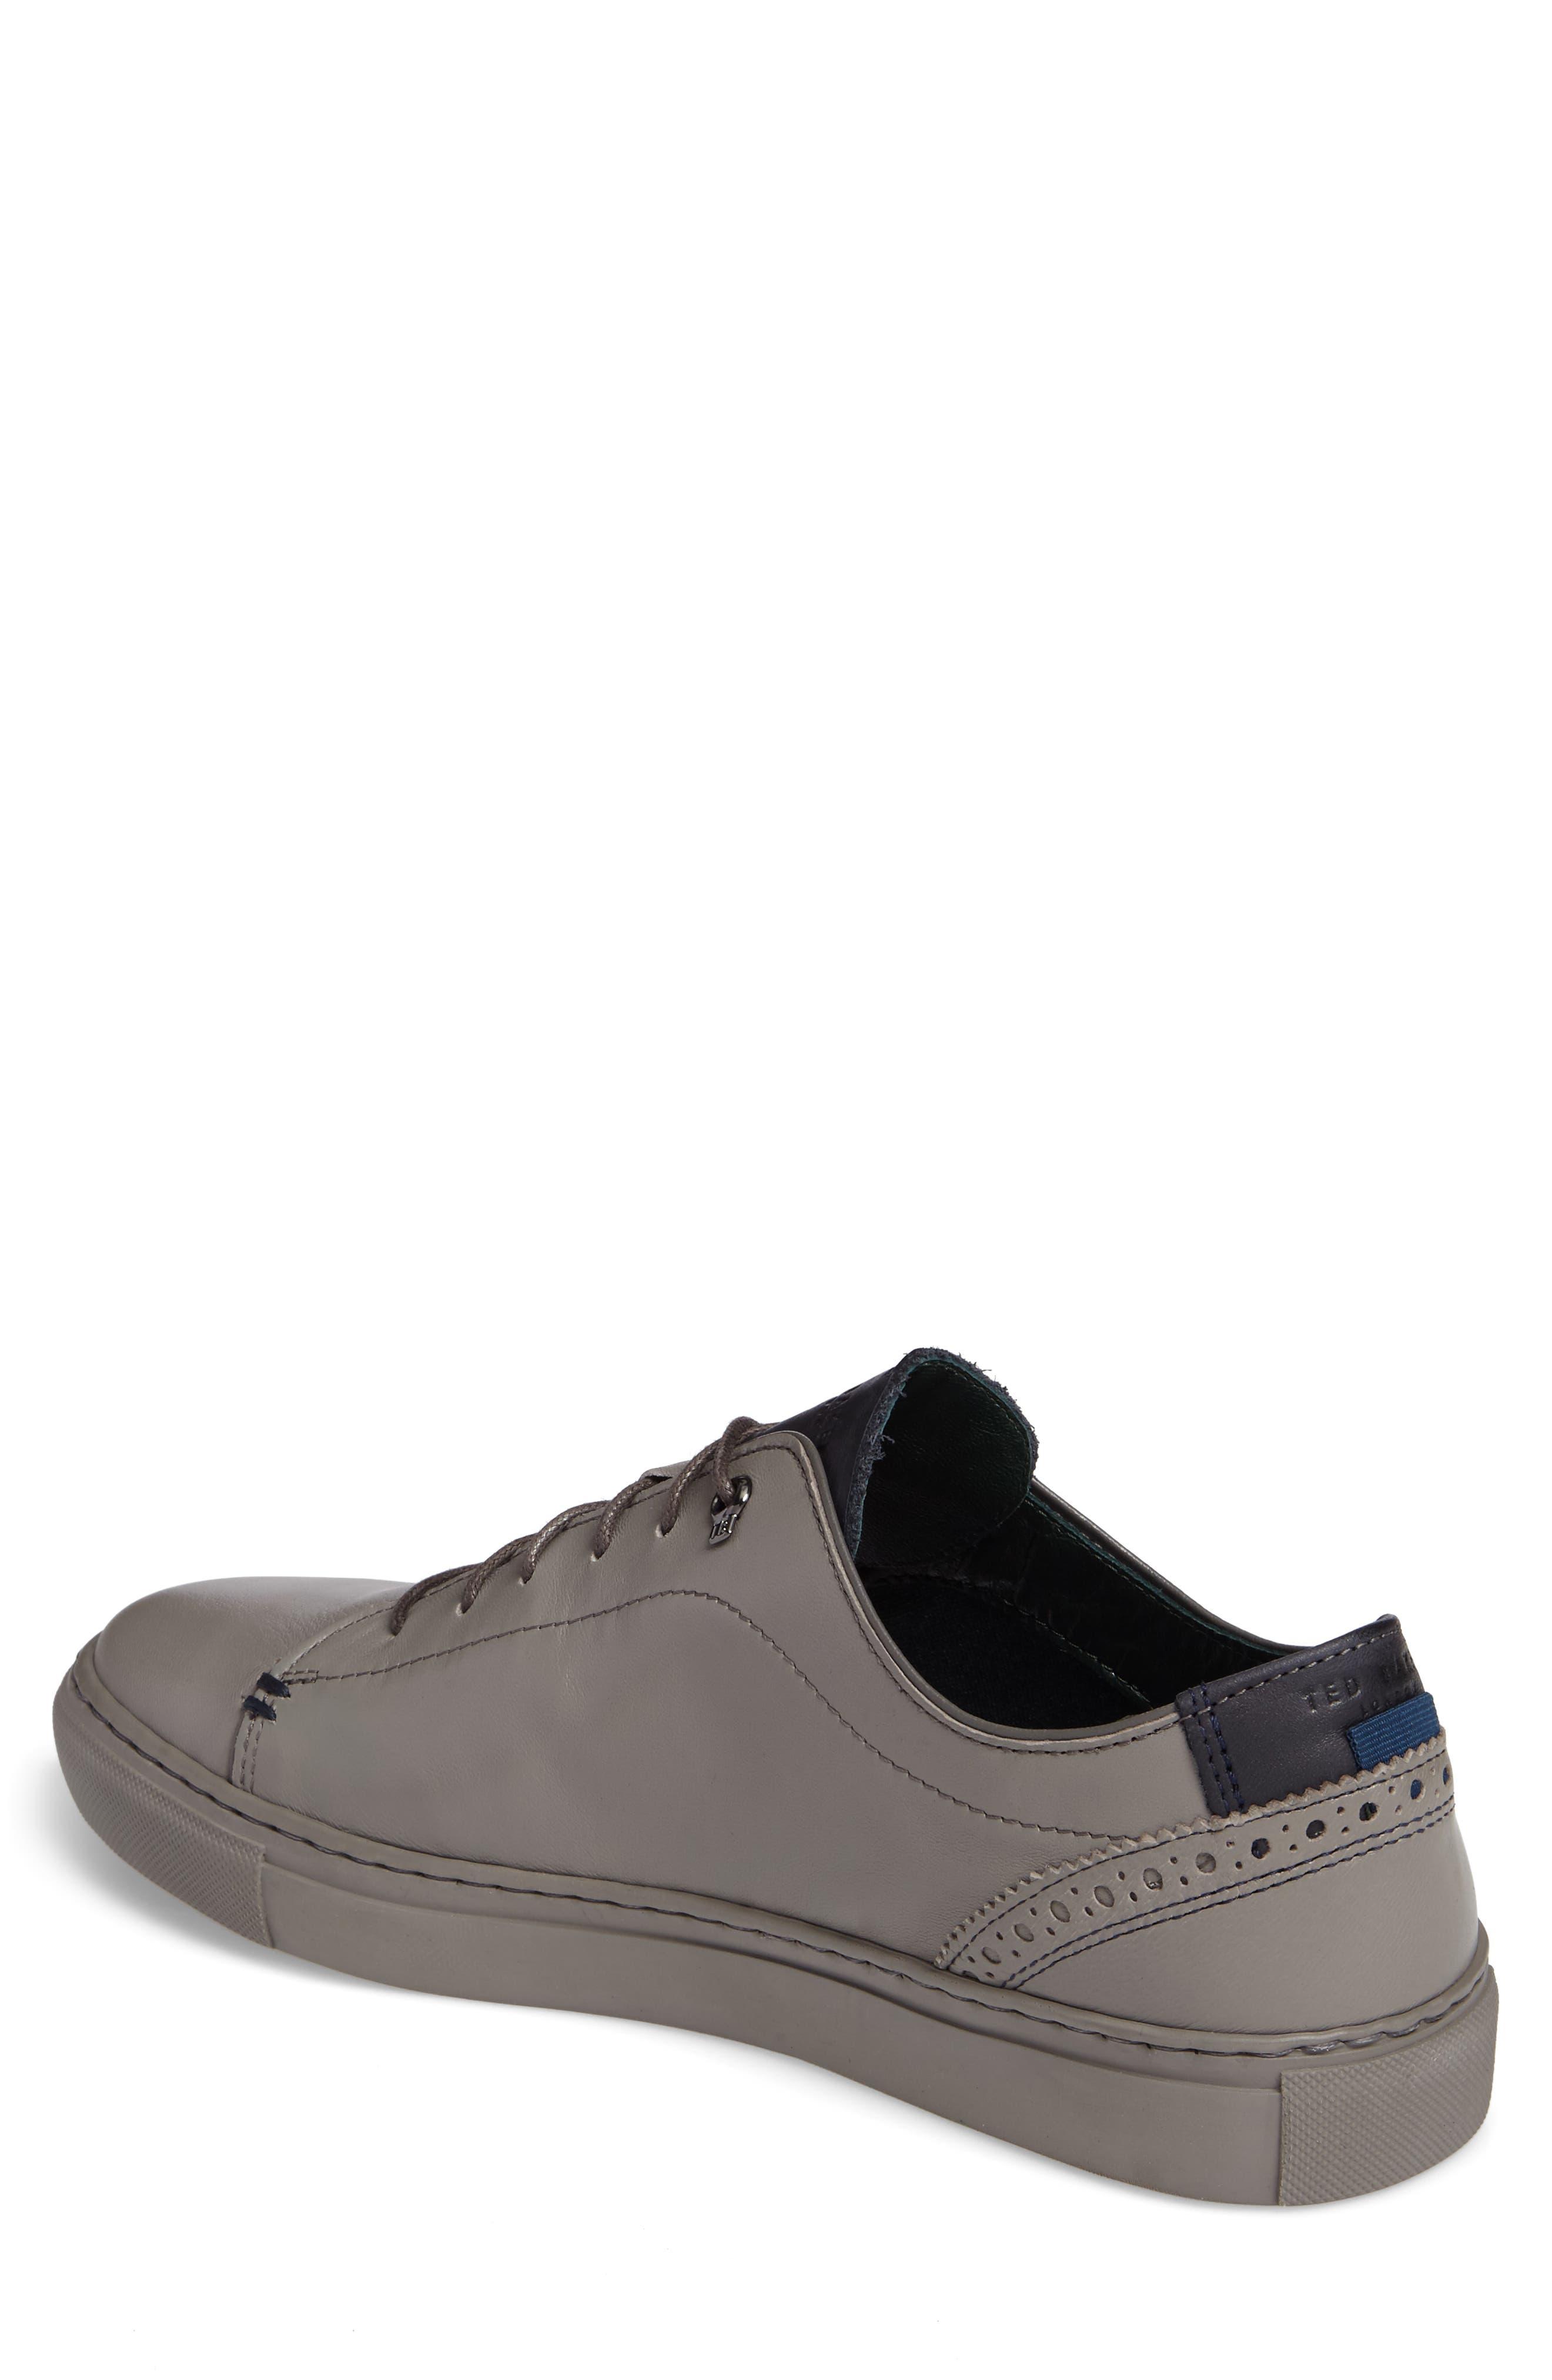 Prinnc Low Top Sneaker,                             Alternate thumbnail 2, color,                             028